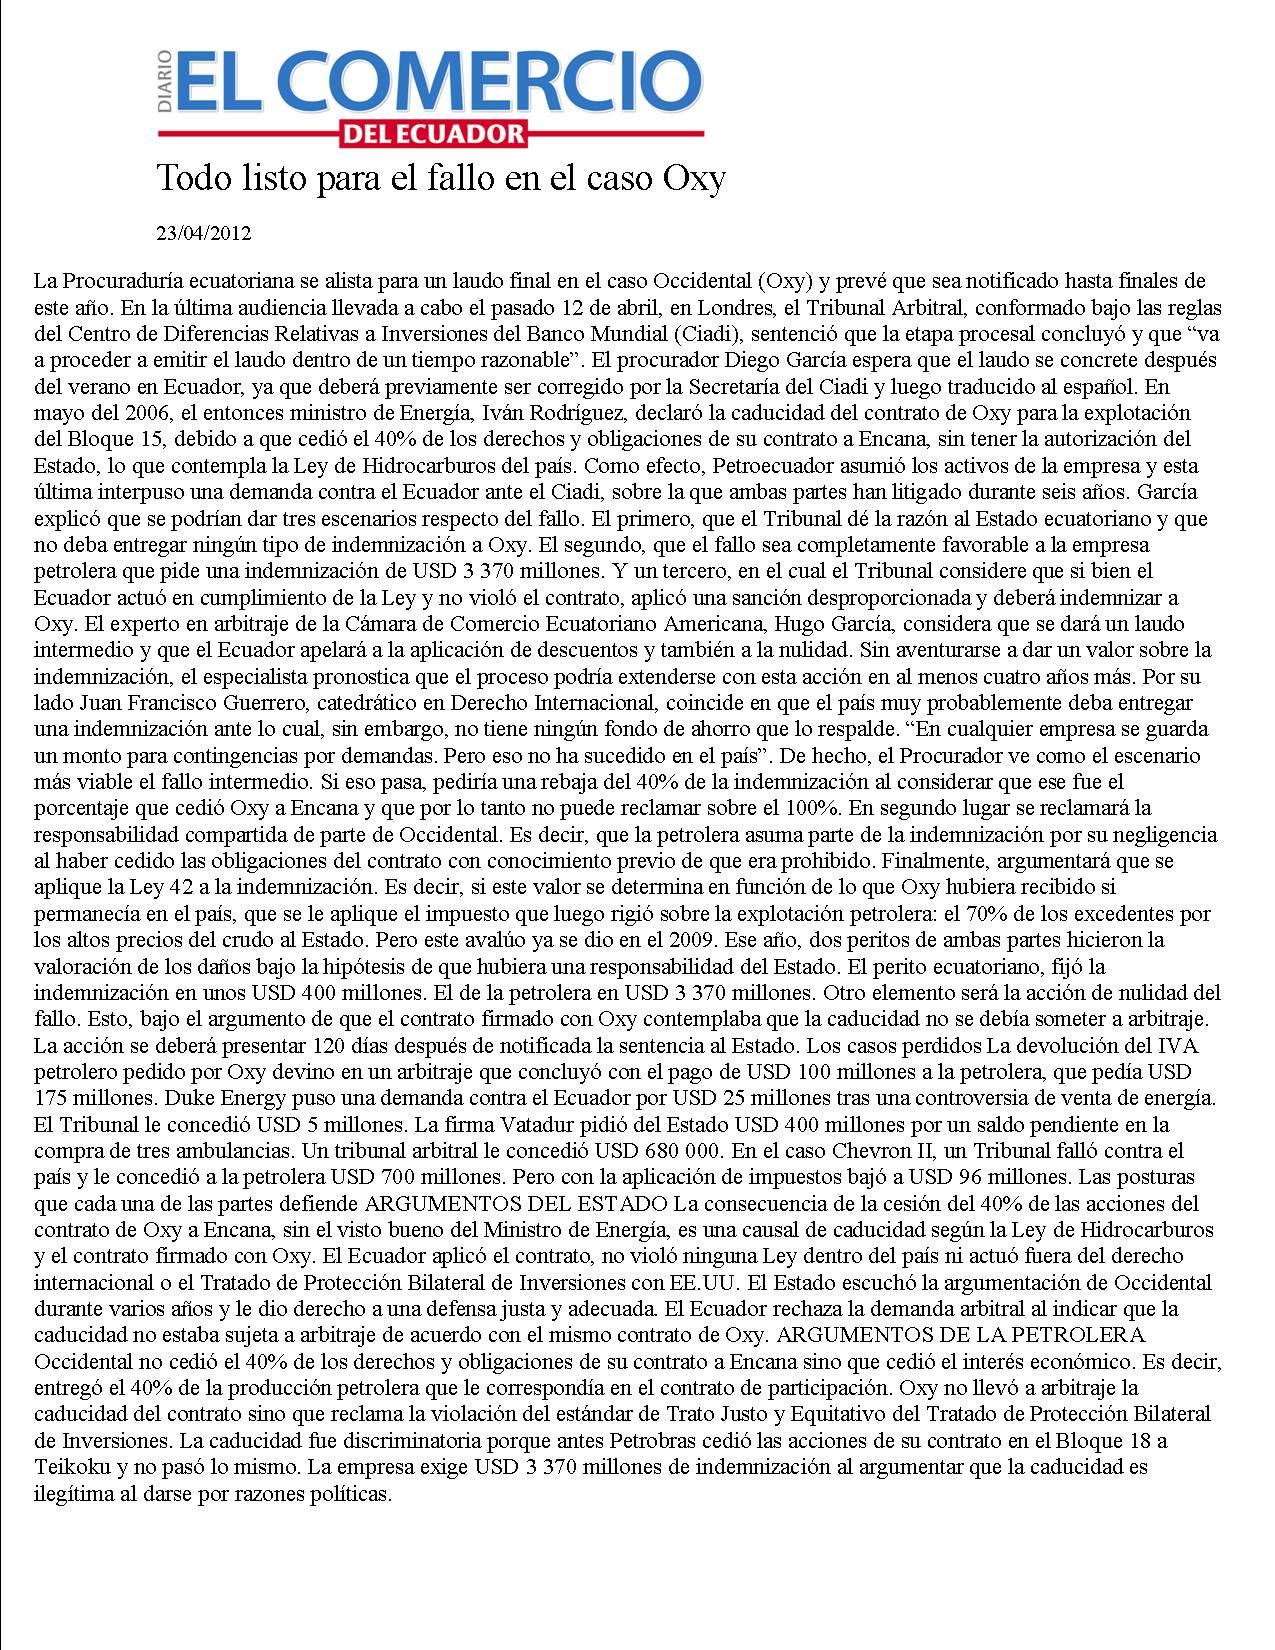 22-2012-04-23 El Comercio